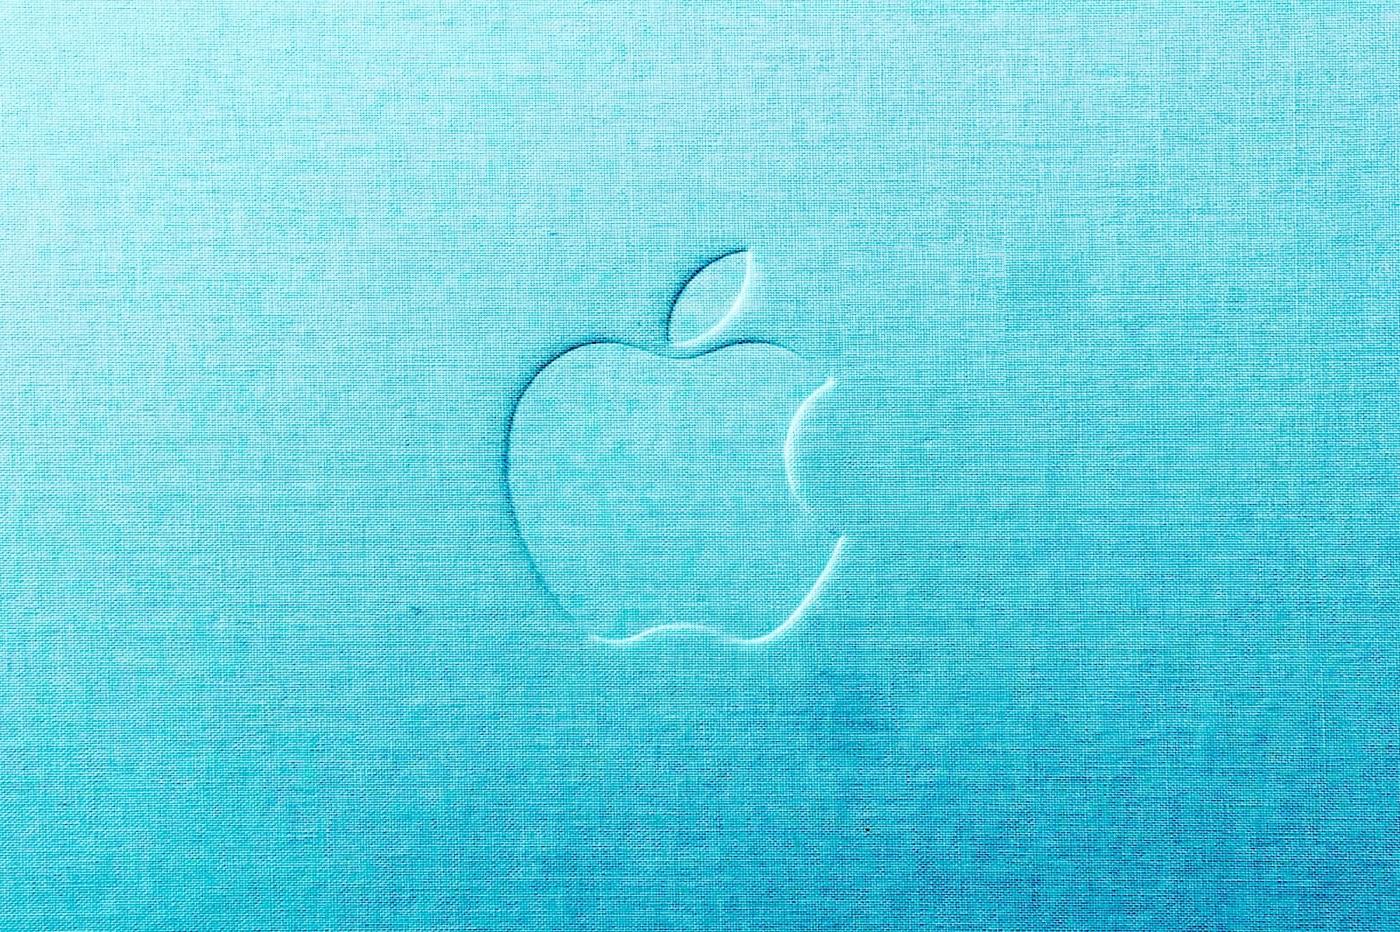 """Conférence iPhone 10 septembre : il y aurait un """"One More Thing"""", mais lequel ? 1"""